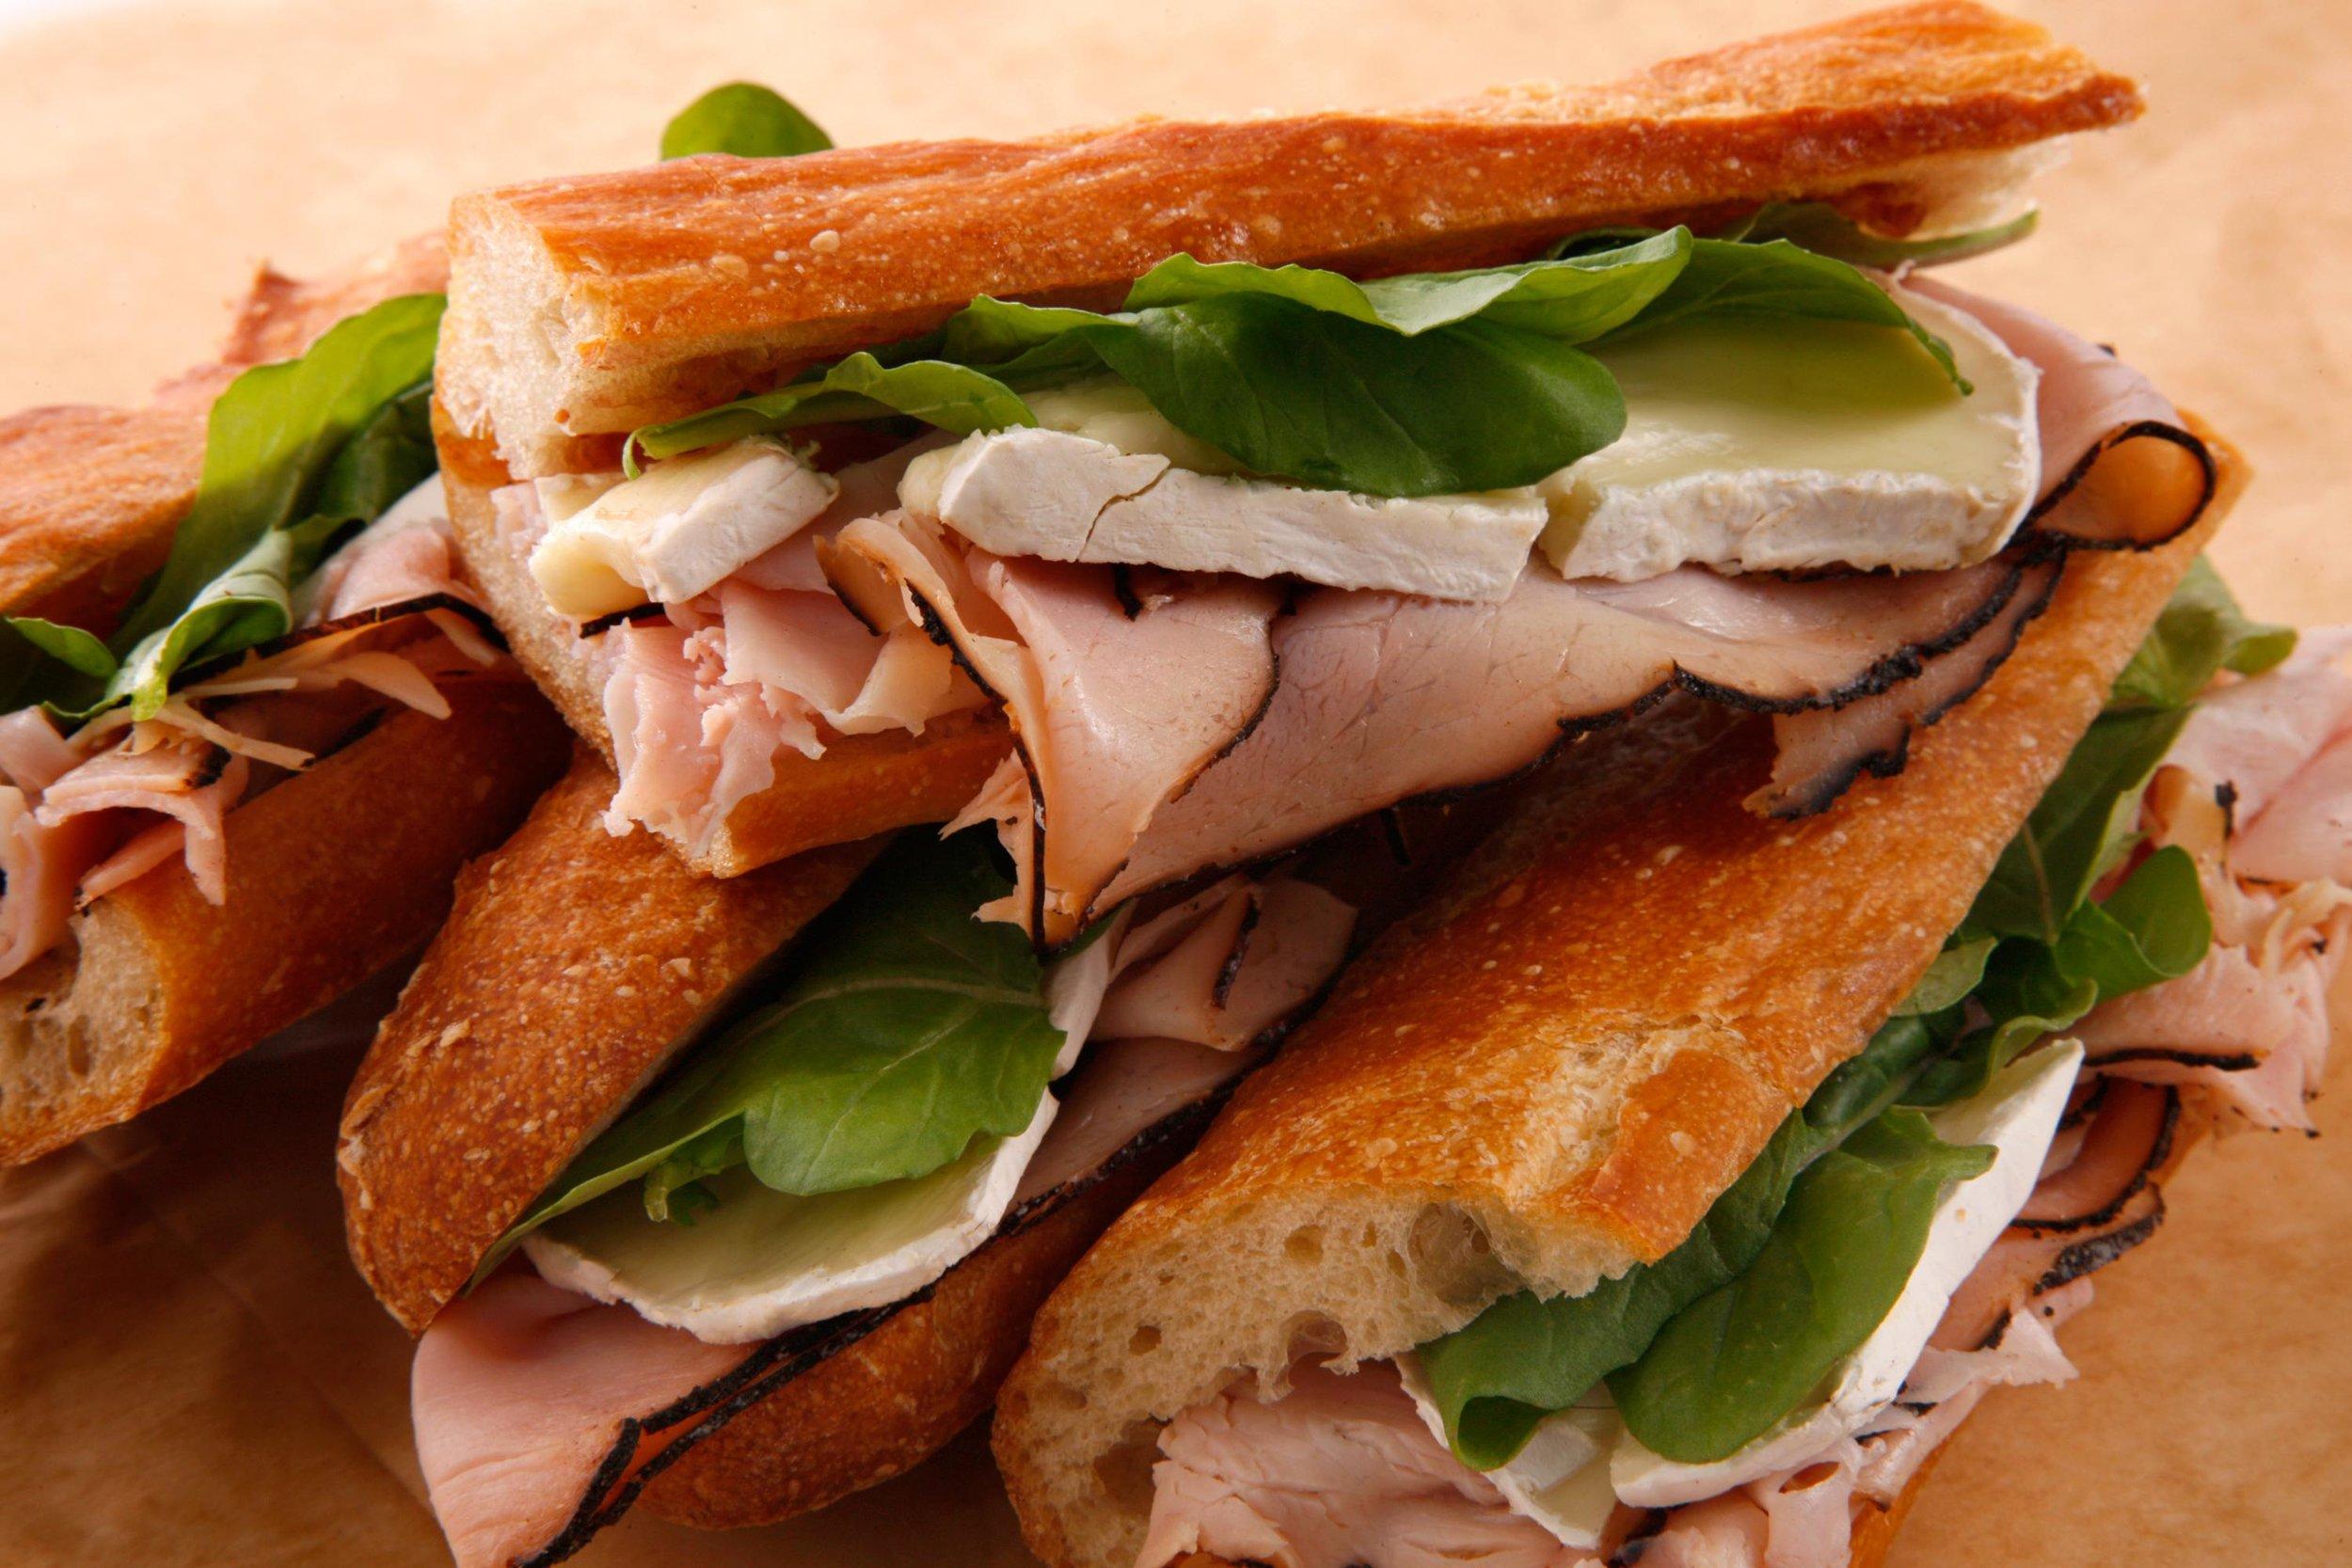 29675_ham_camembert_sandwich2.jpg